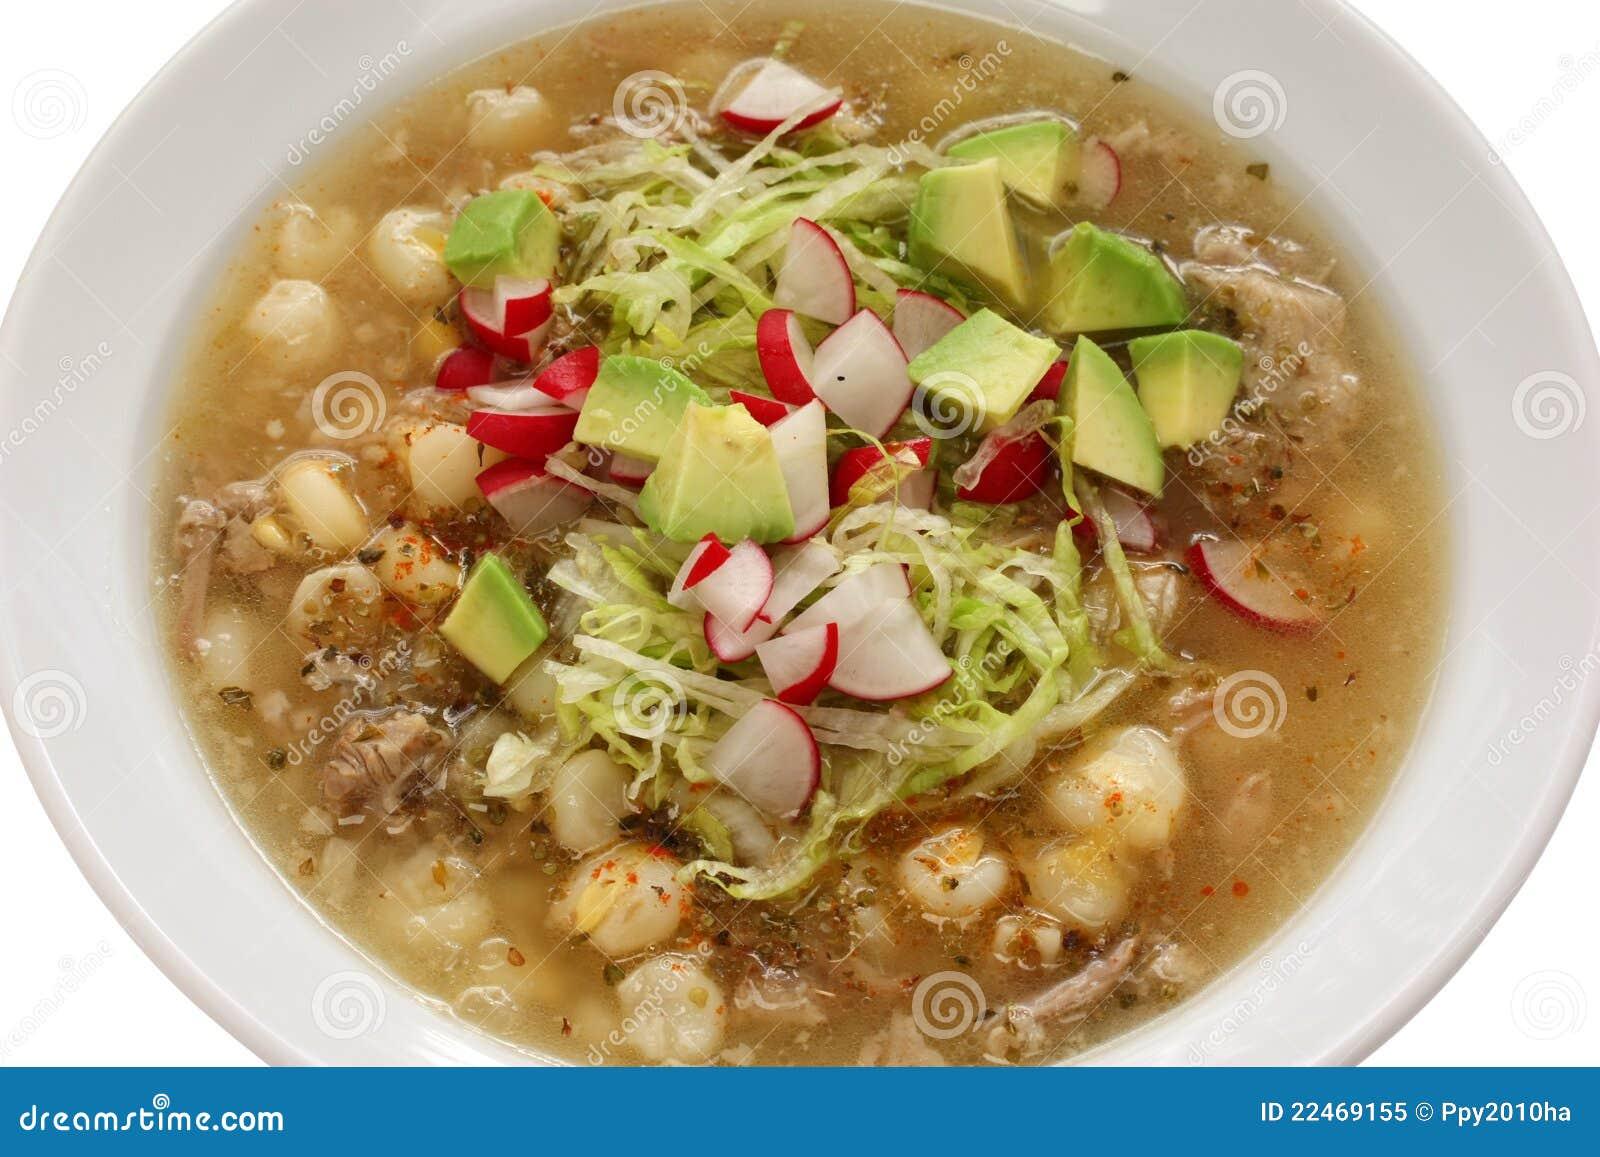 Pozole cuisine mexicaine photo libre de droits image for Cuisine mexicaine